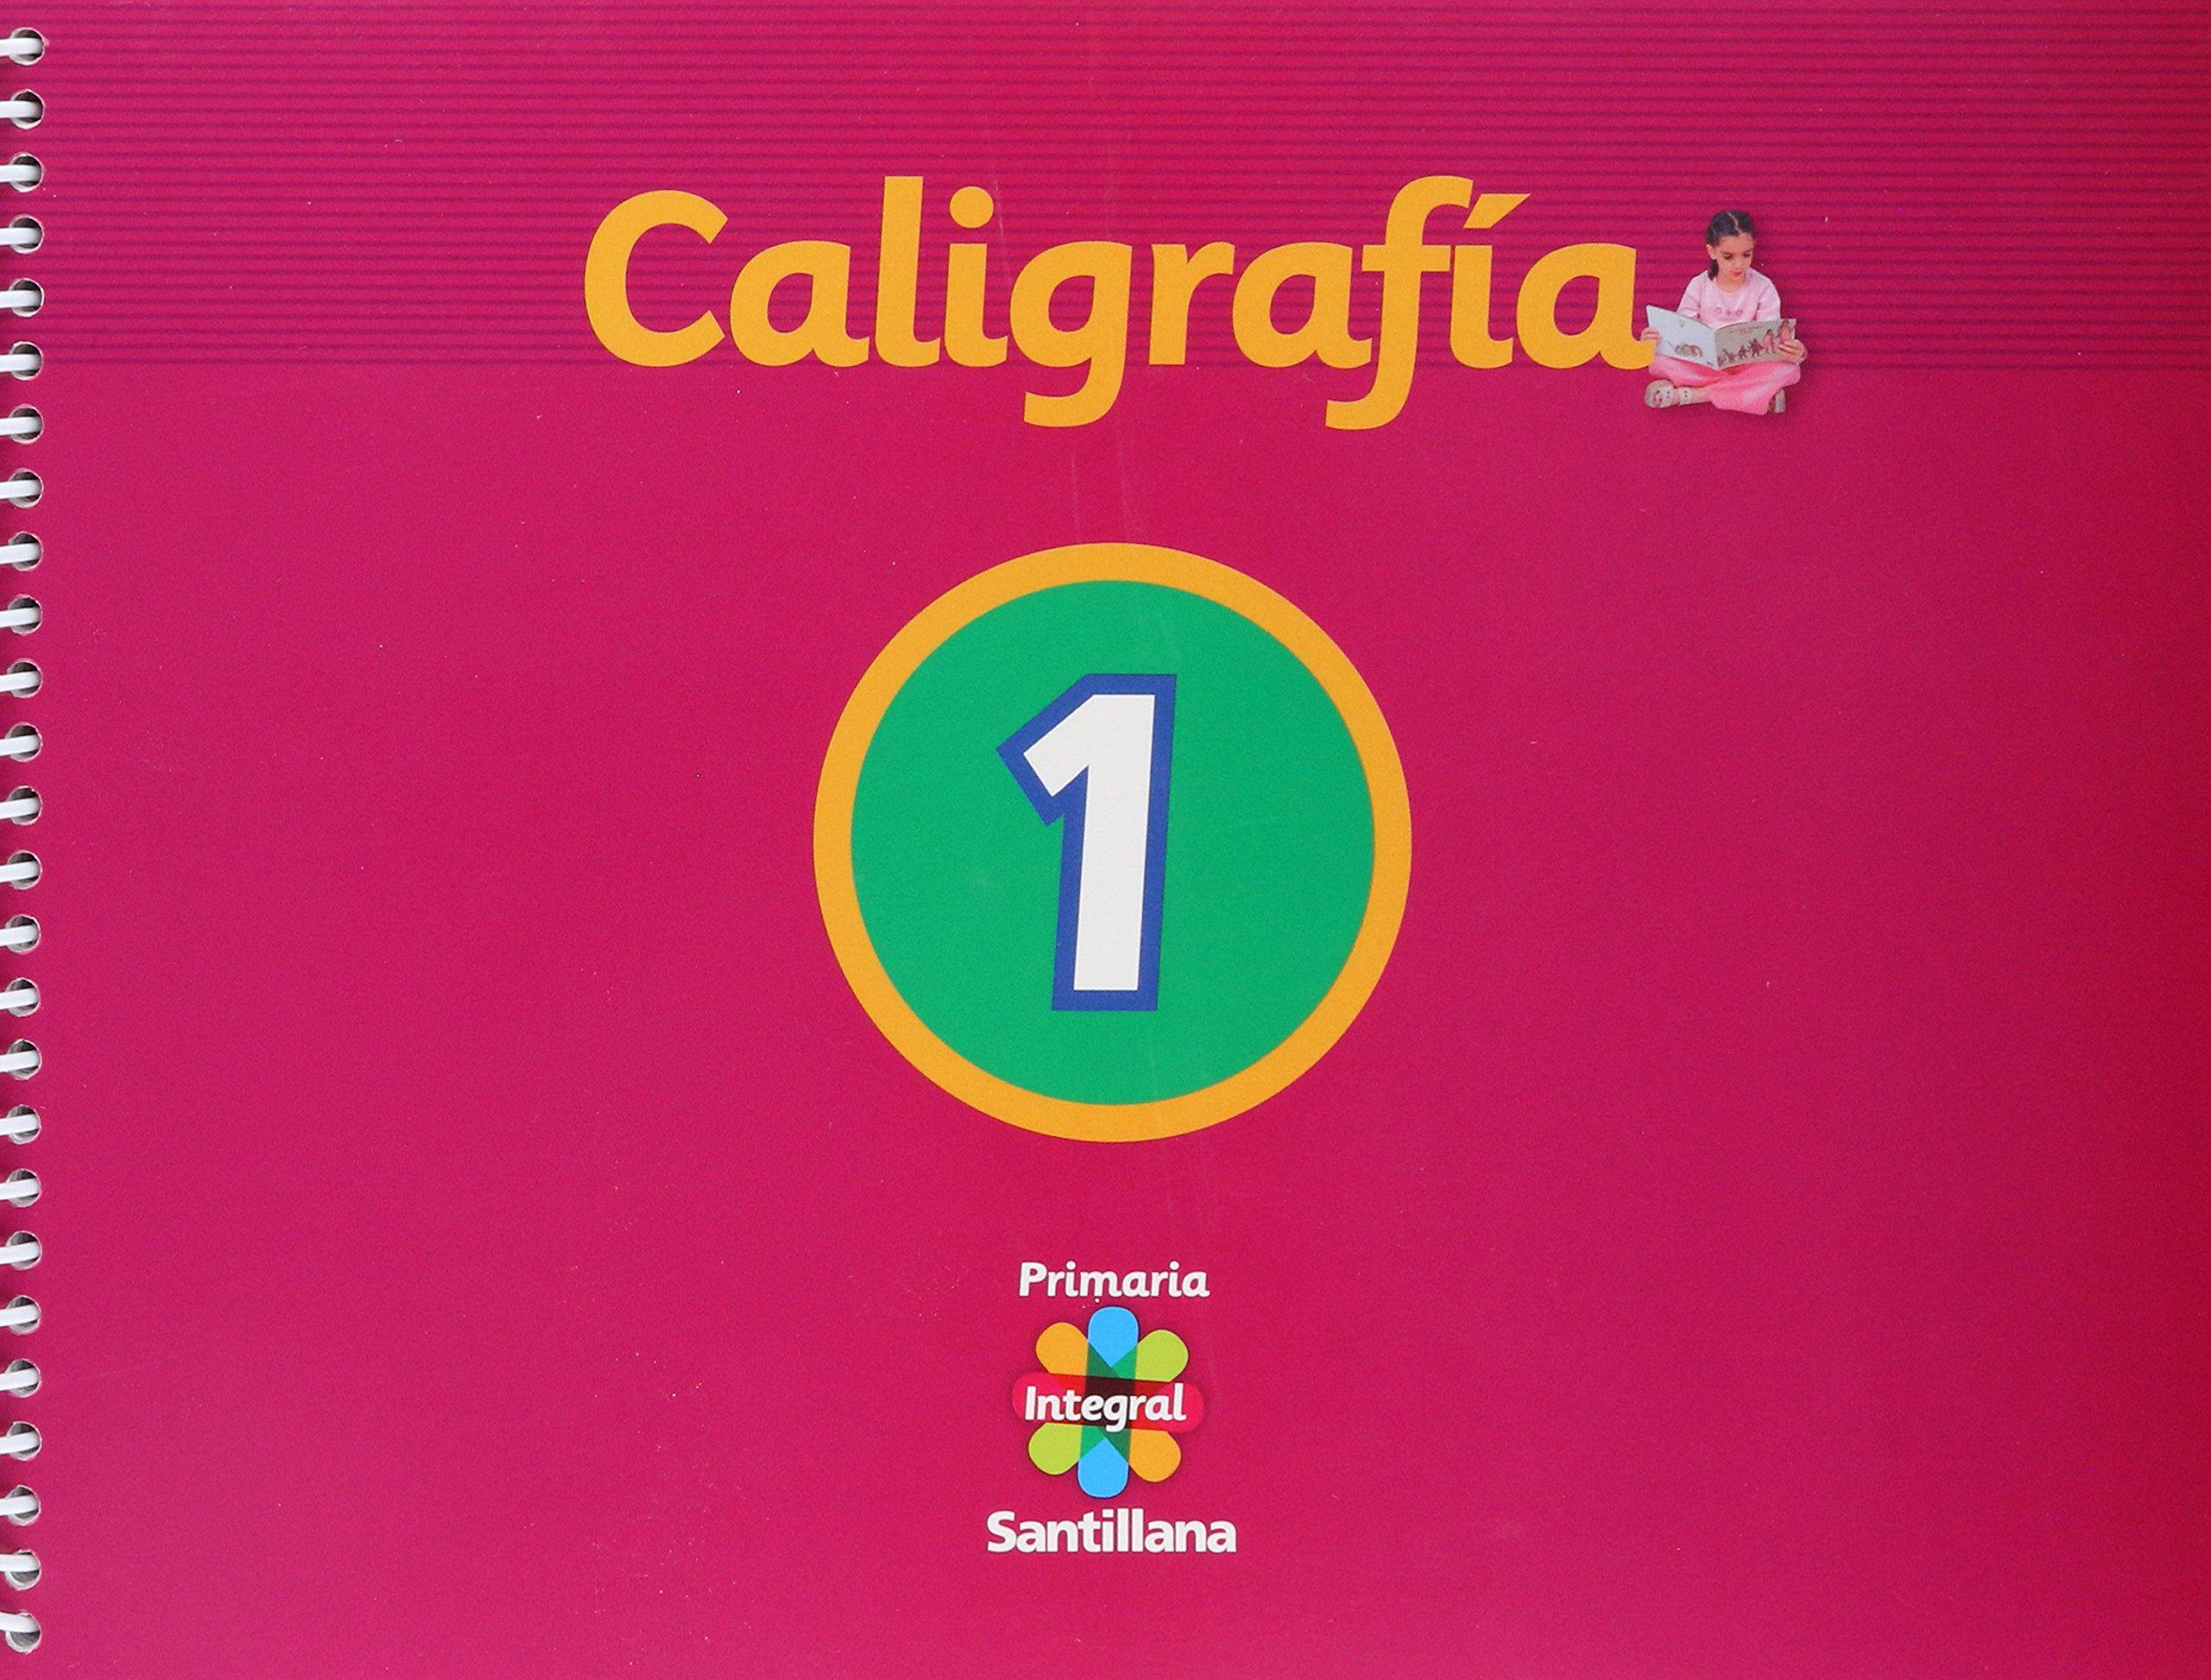 SANTILLANA INTEGRAL PRIMARIA (LIBRO + PLANTILLA DE LETRAS): 7506007540547: Amazon.com: Books